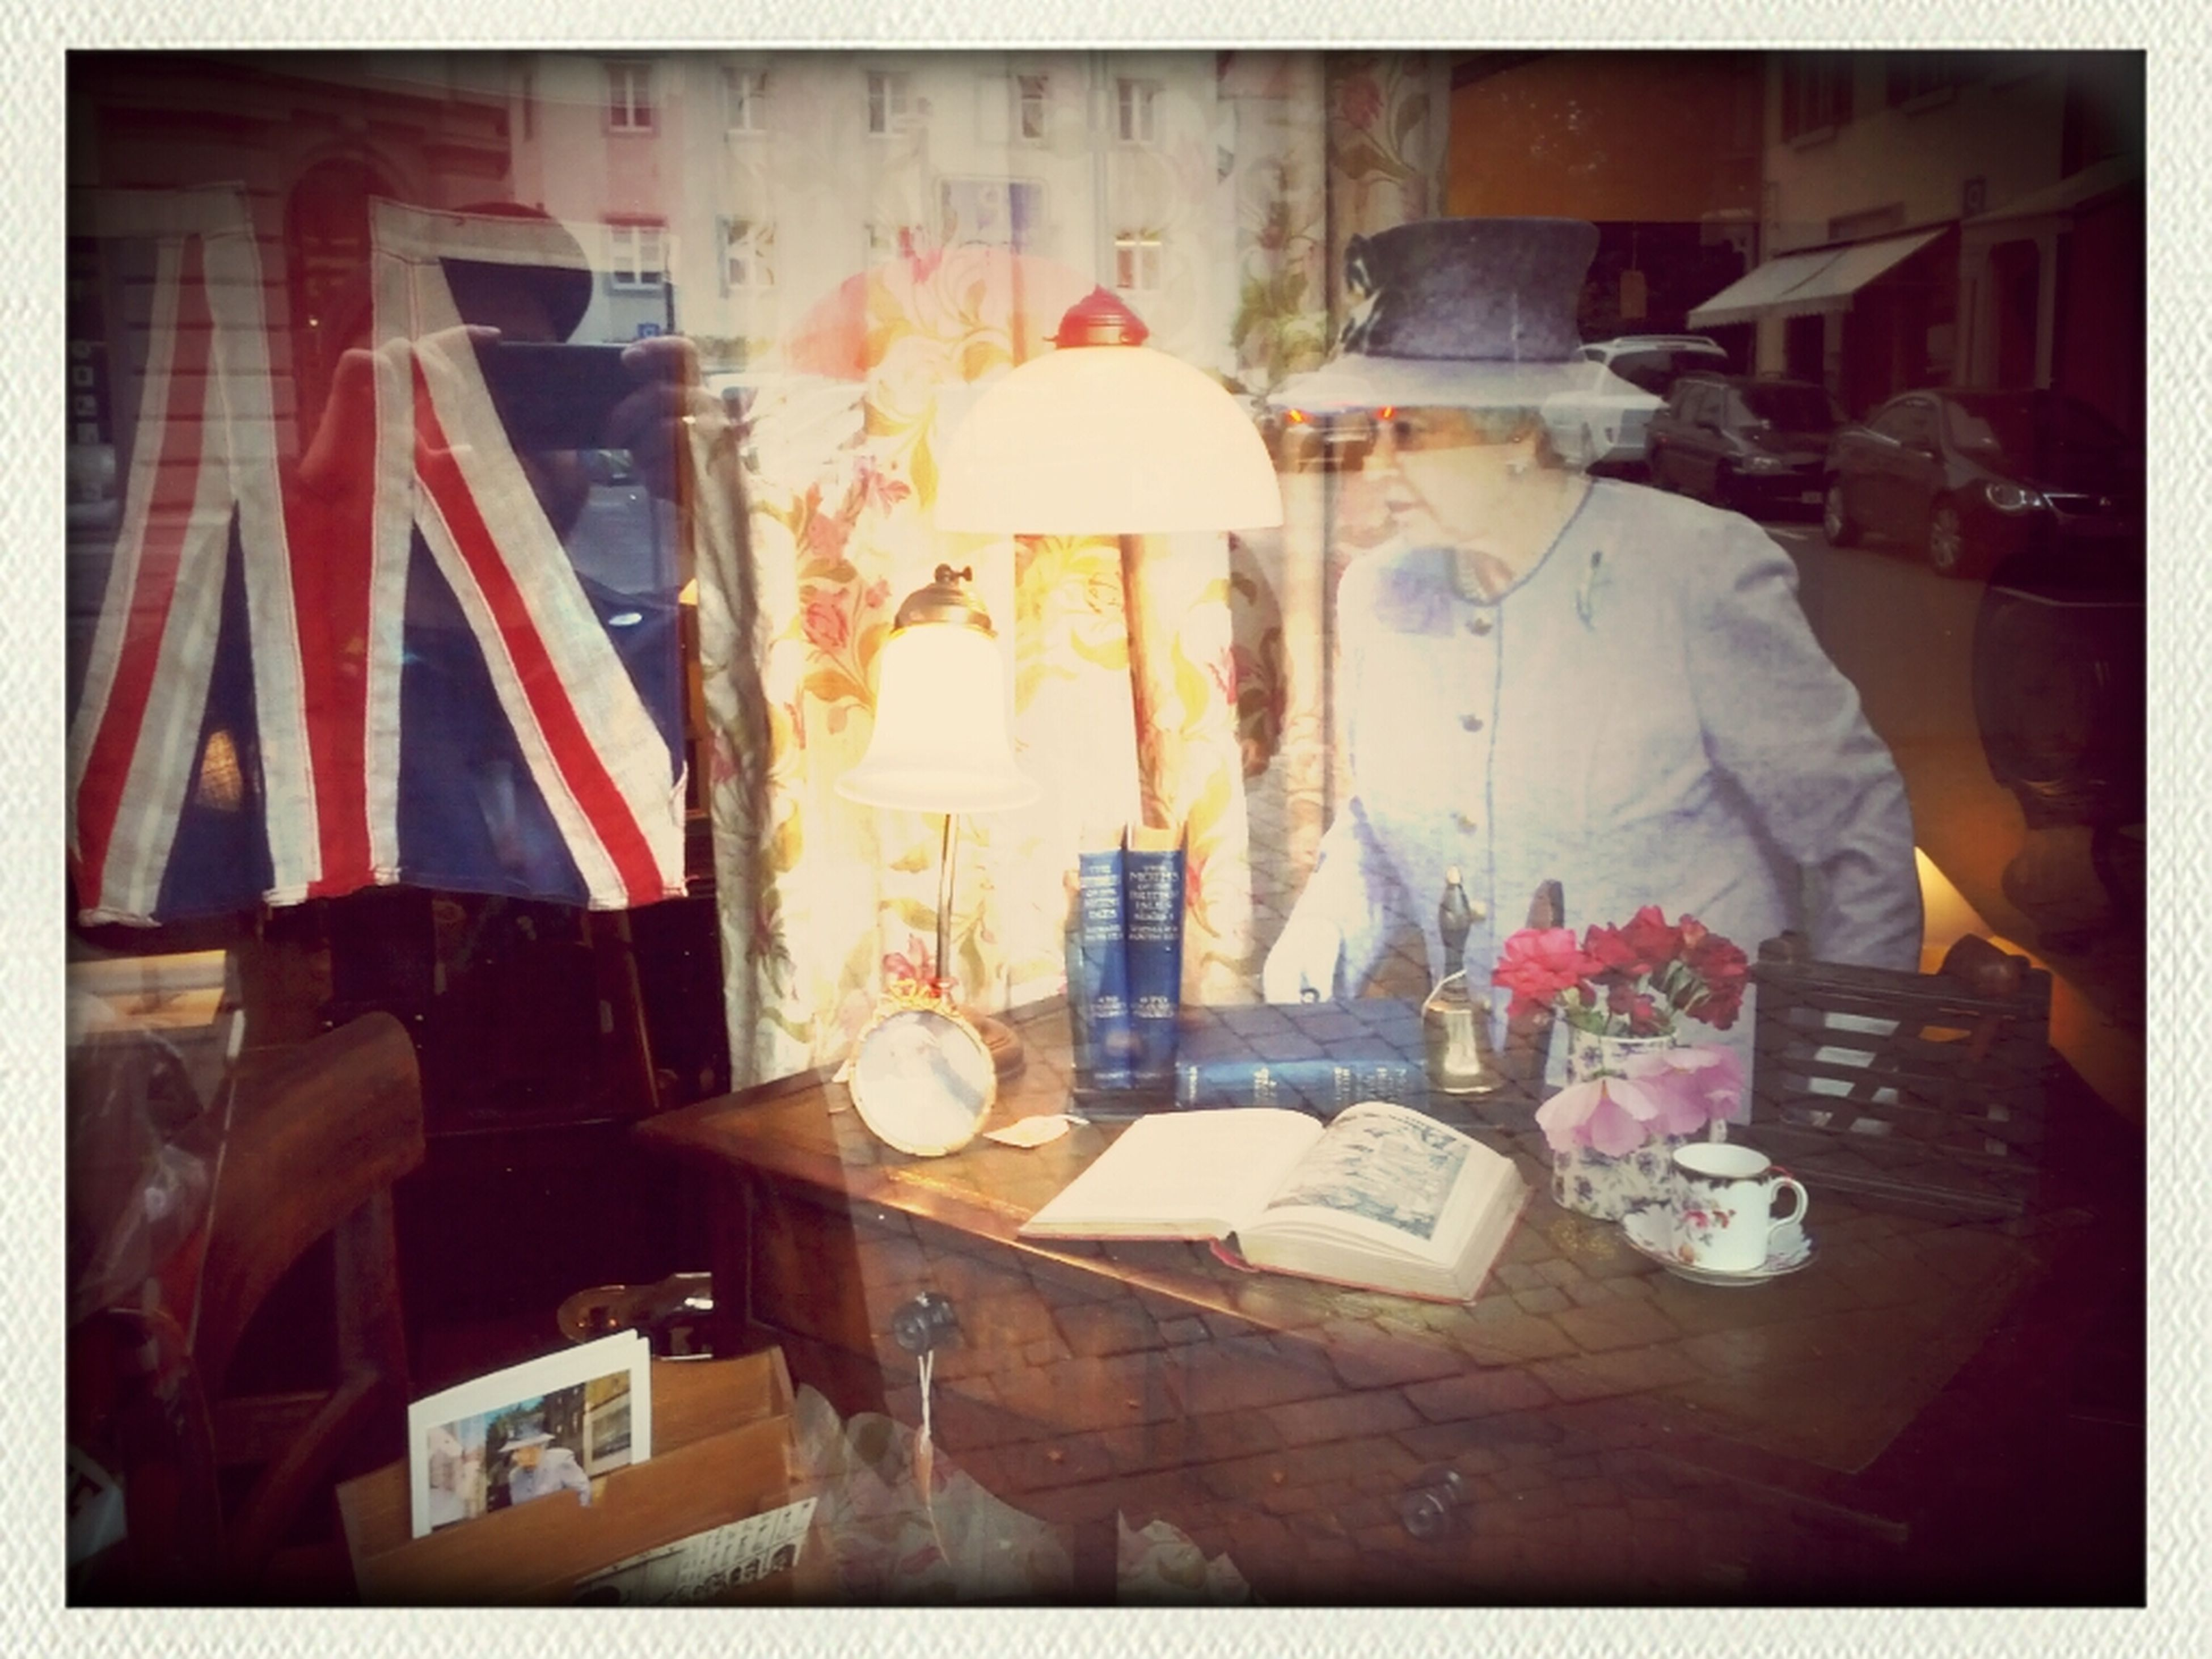 Having Tea With The Queen